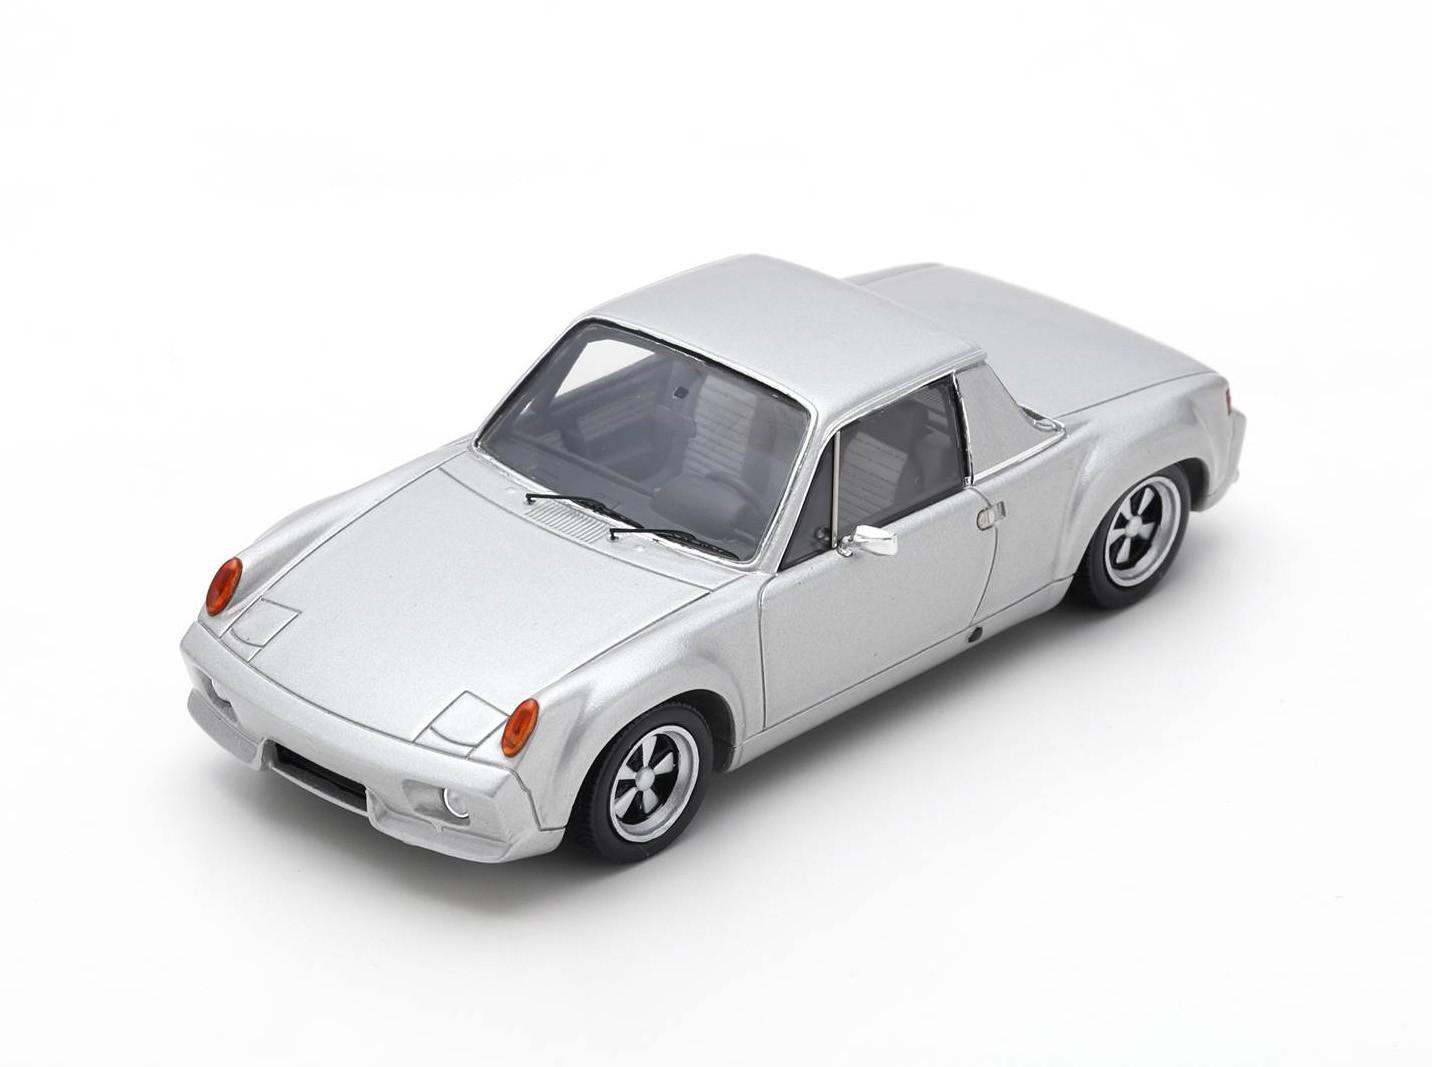 Porsche 916 1972 Spark S7615